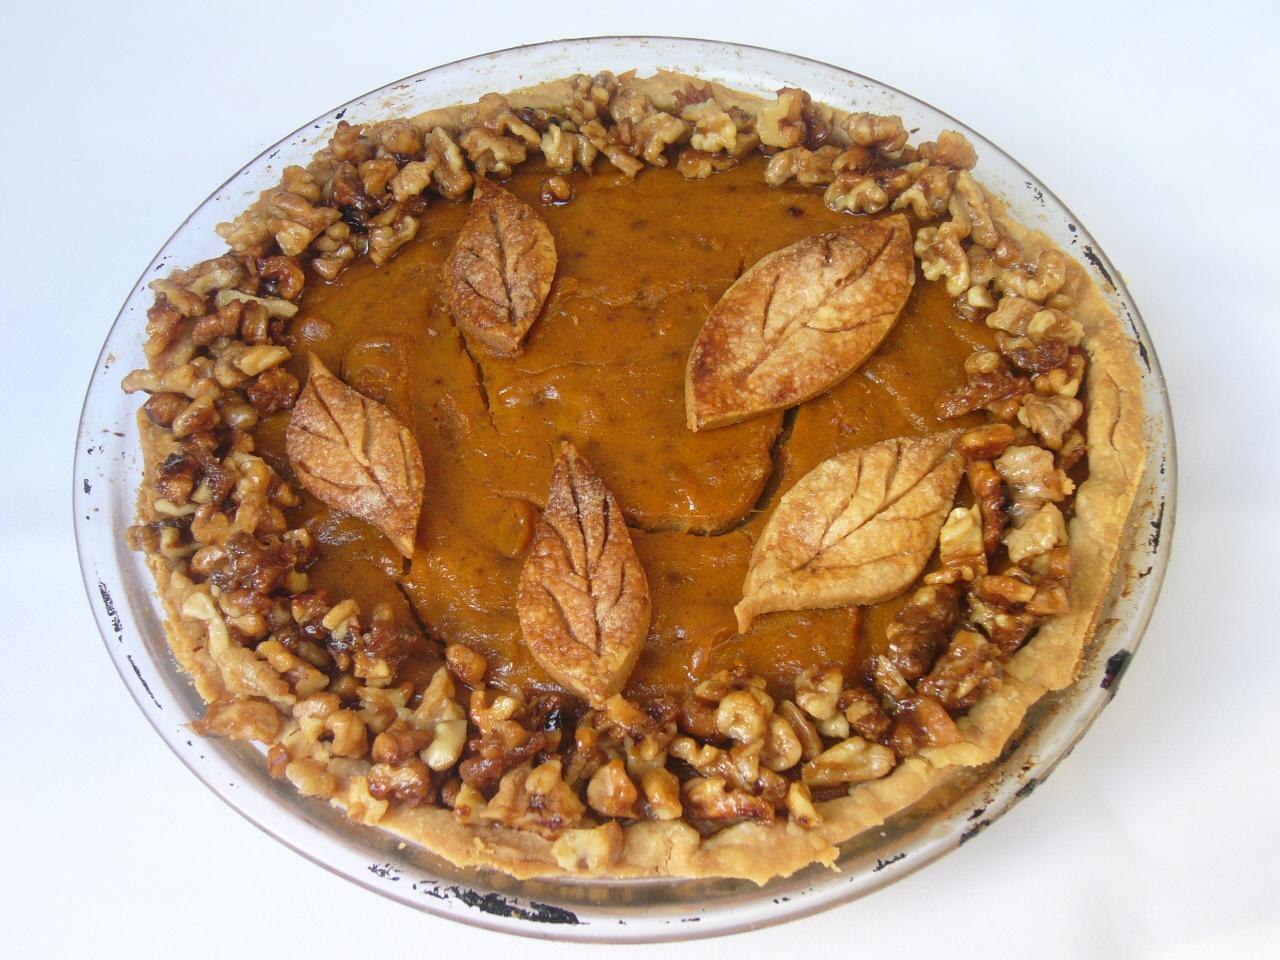 ... pie maple walnut pumpkin pie pie crust maple walnut pumpkin pie maple